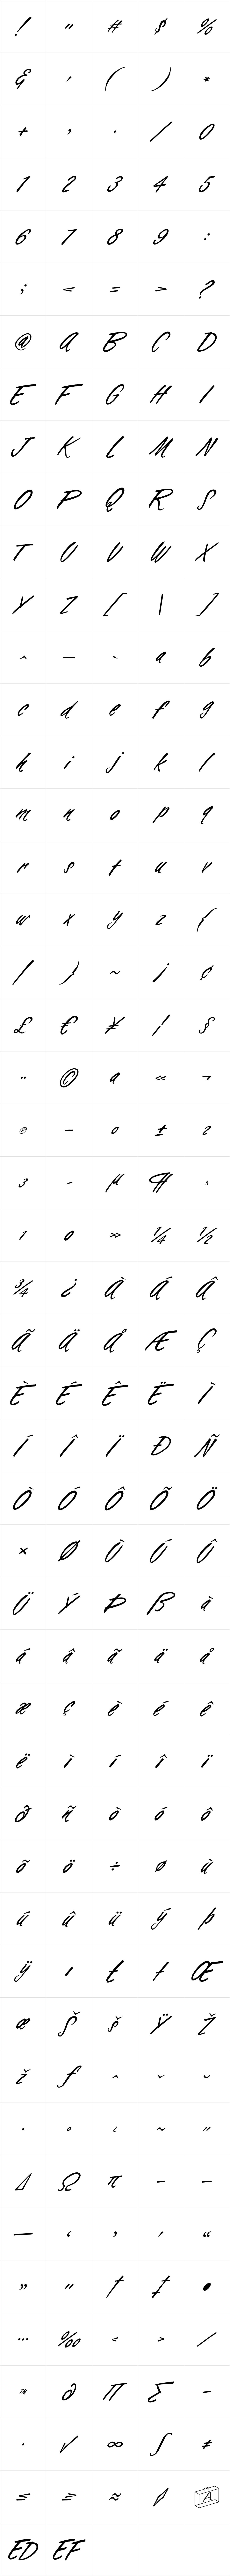 Falcon Brushscript